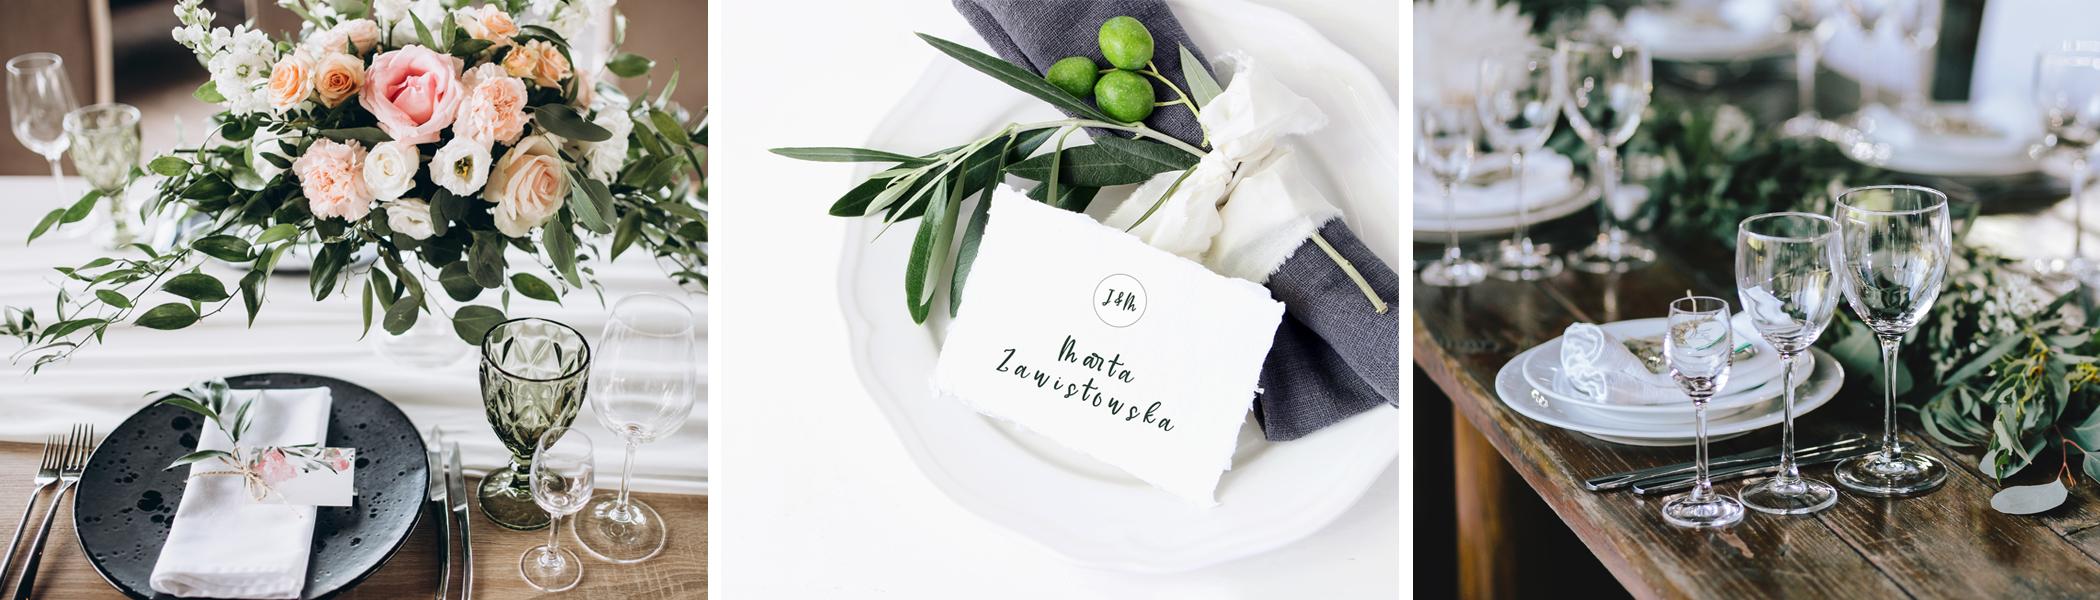 Dekoracja stołów na imprezy i śluby